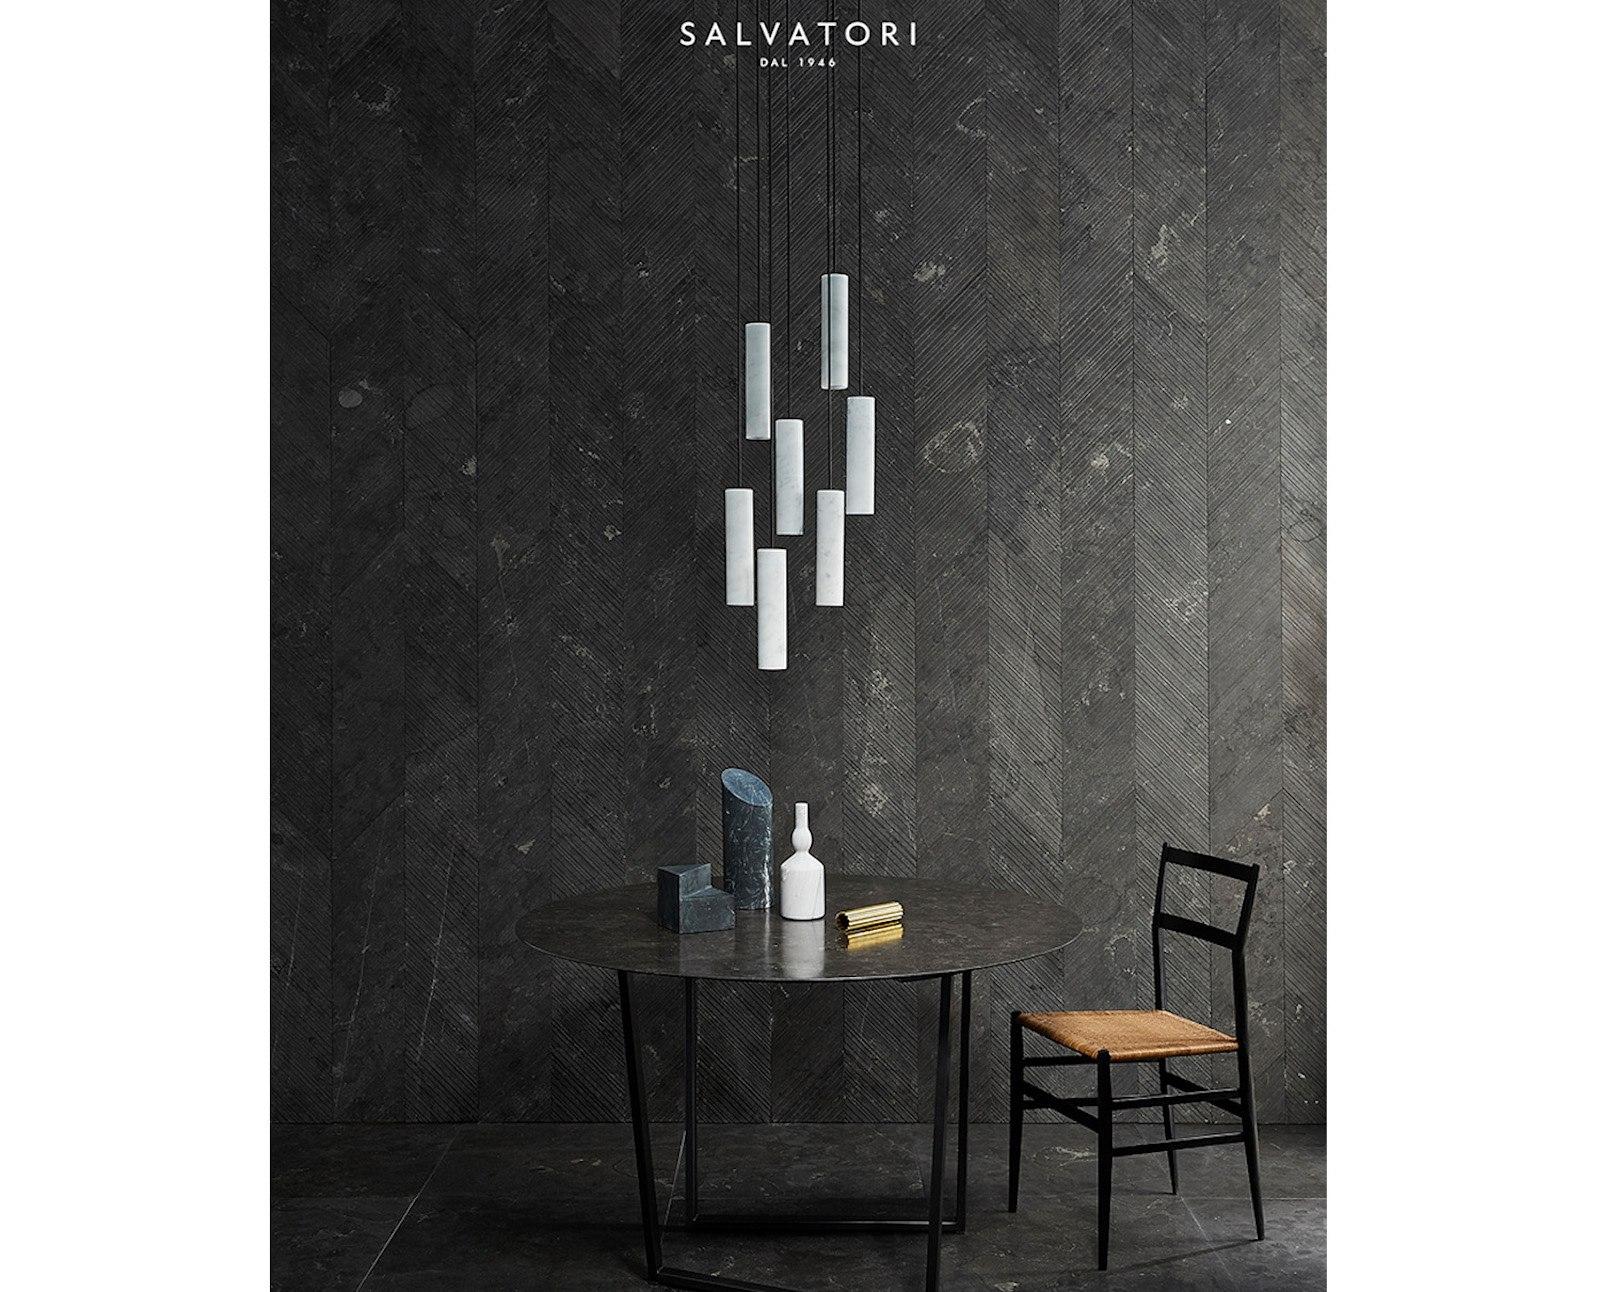 IGNANT-Design-Gabriele-Salvatori-Collaborations-07